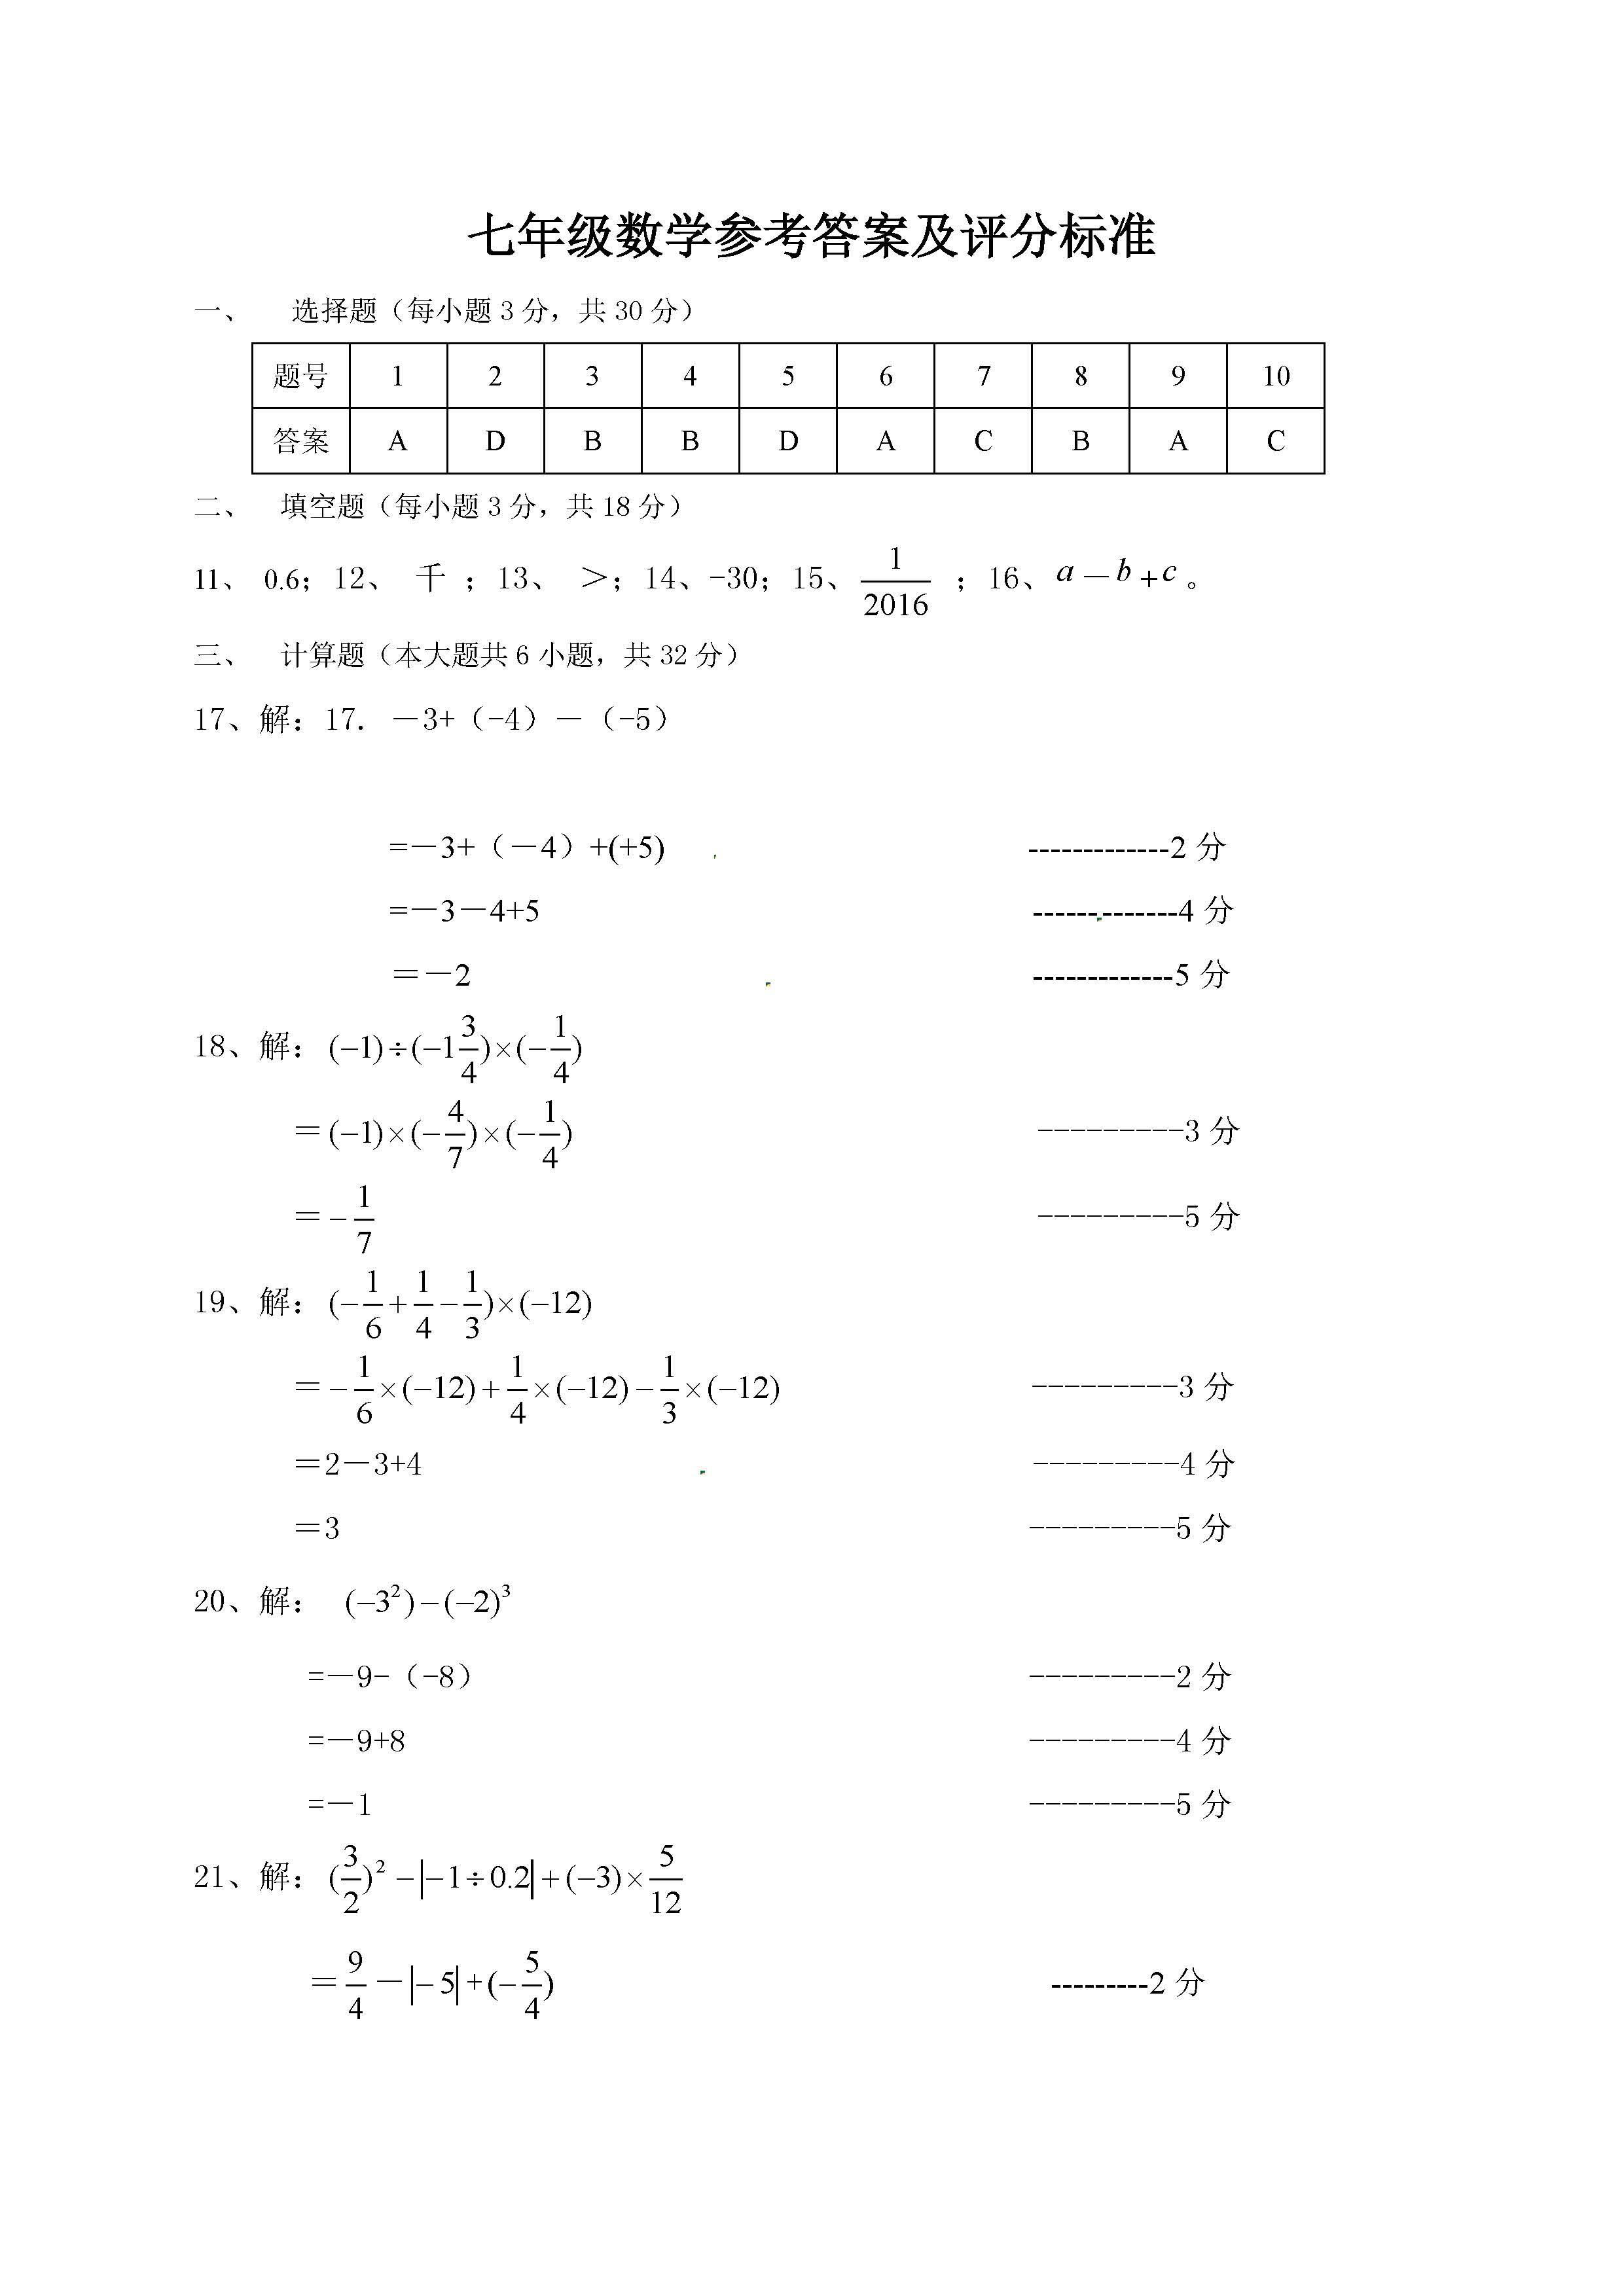 2016长春九台区七年级上期中数学质量检测参考答案(图片版)